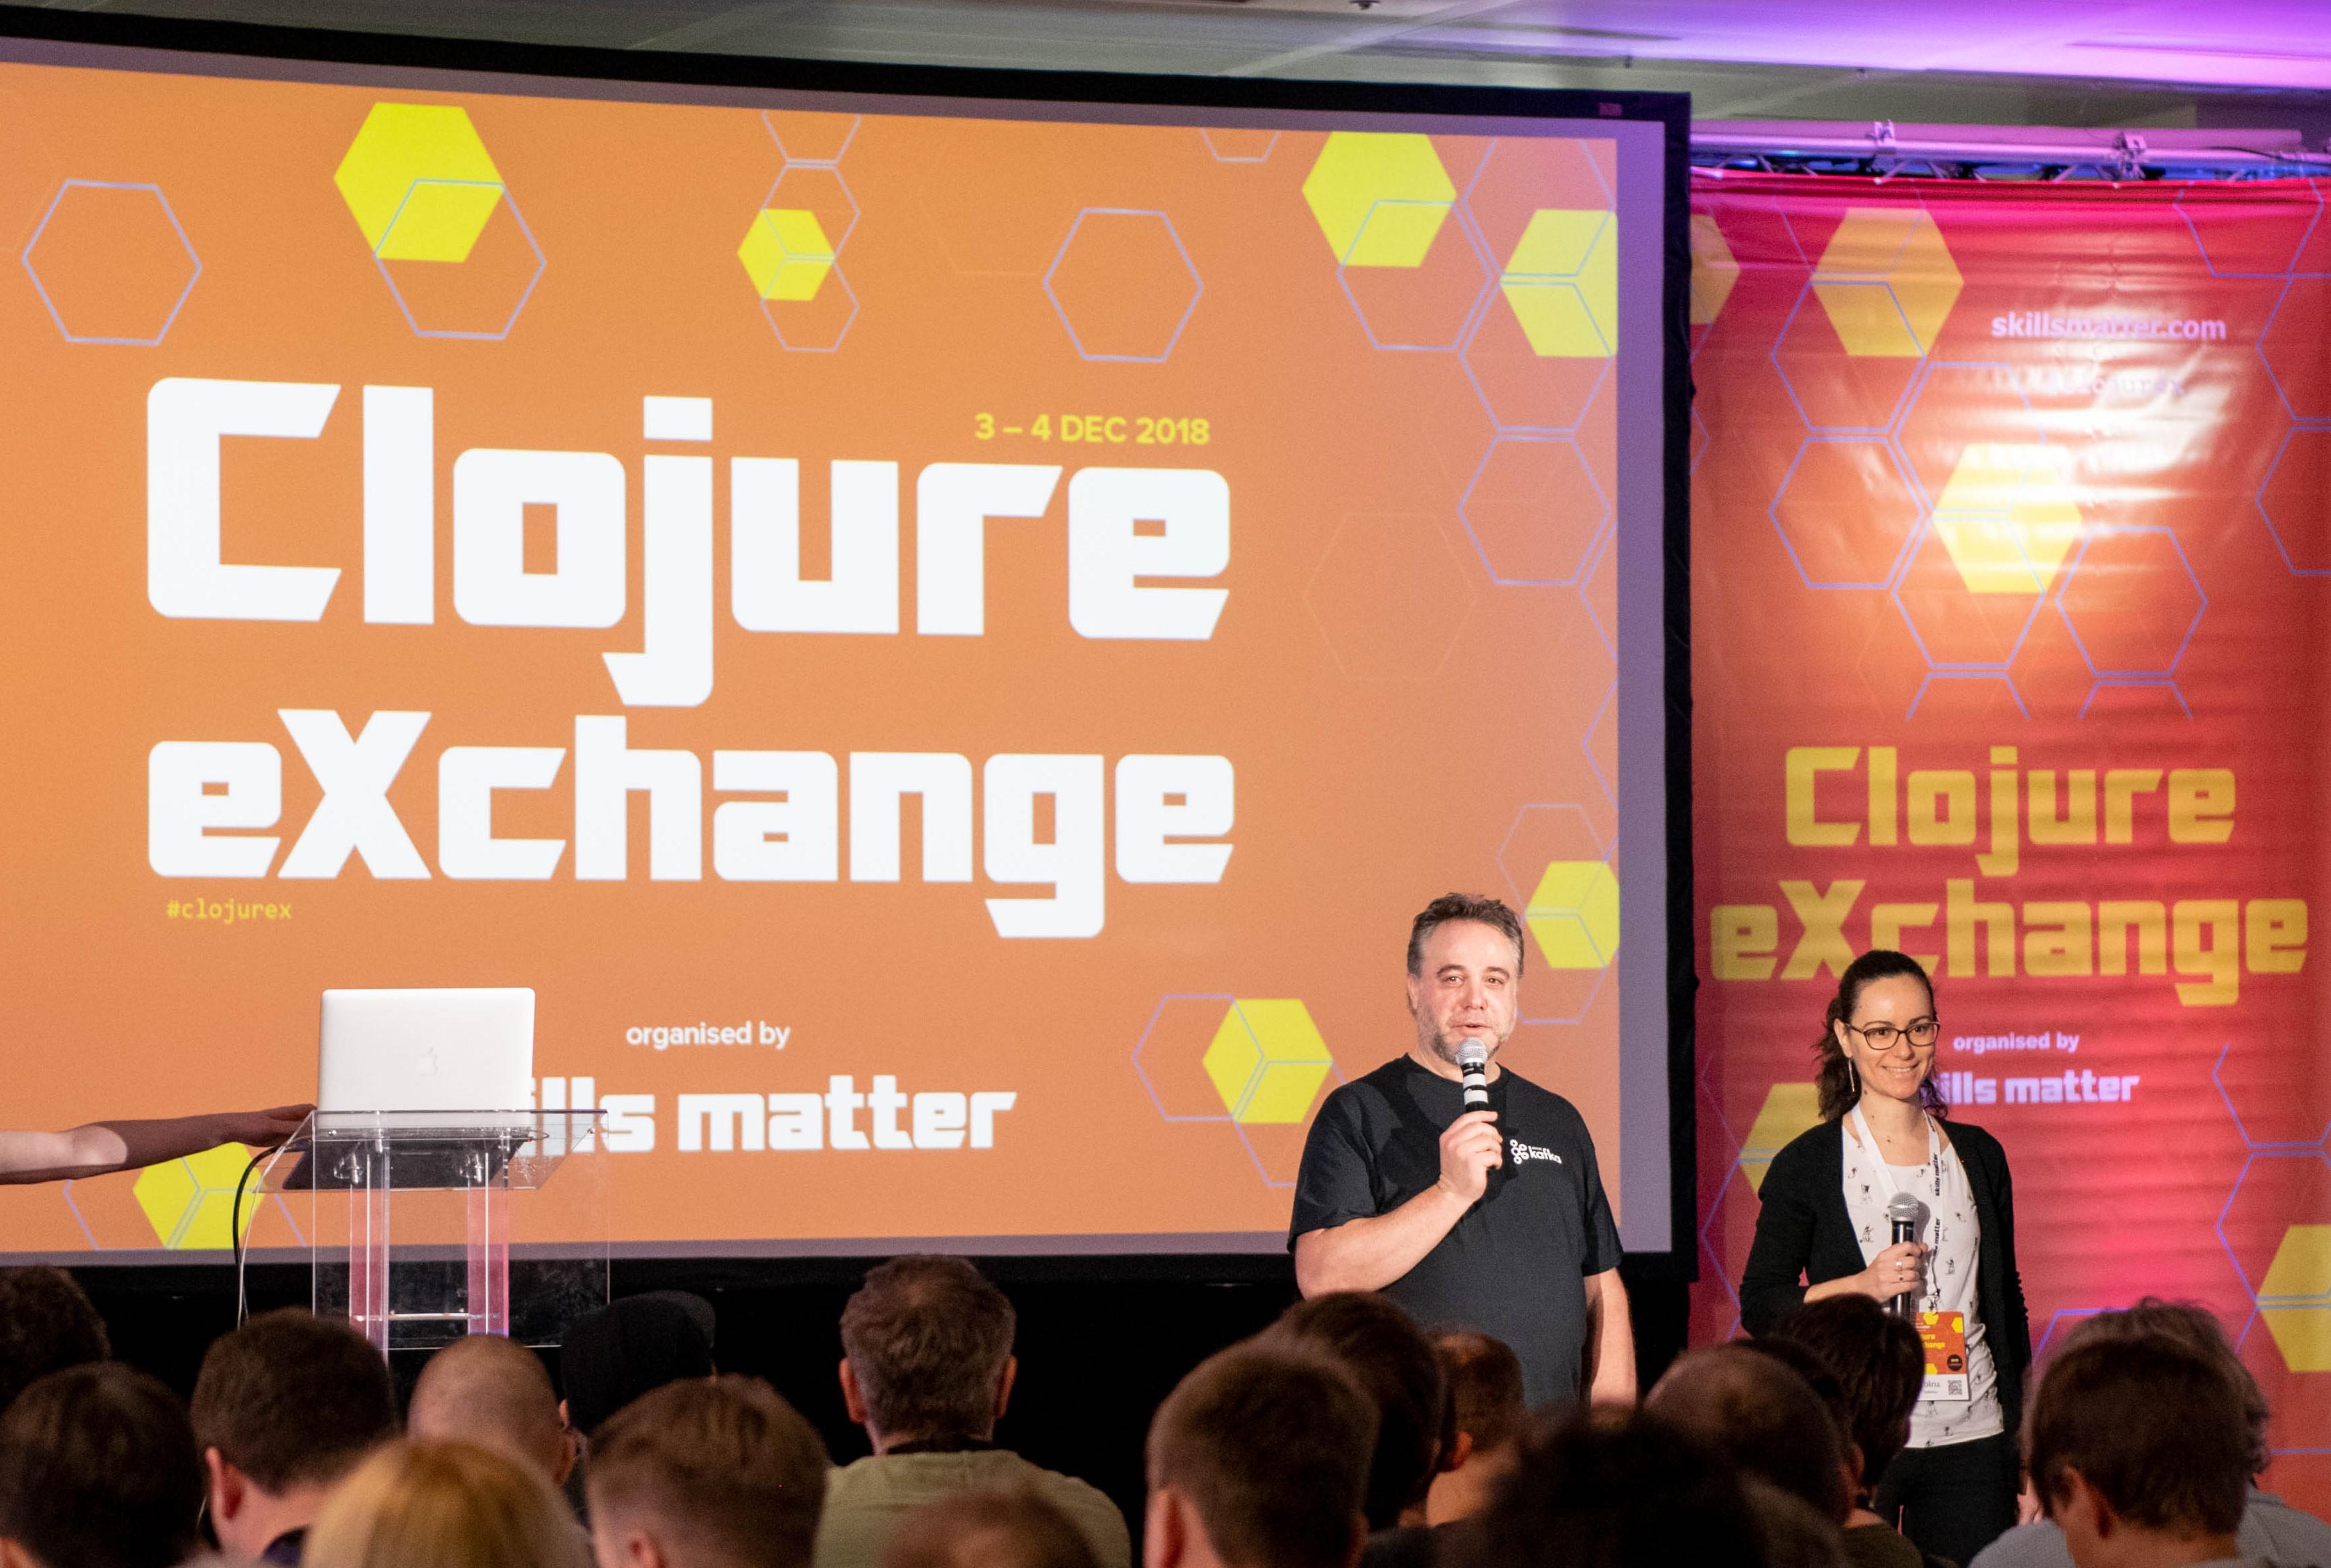 Skills Matter Clojure eXchange